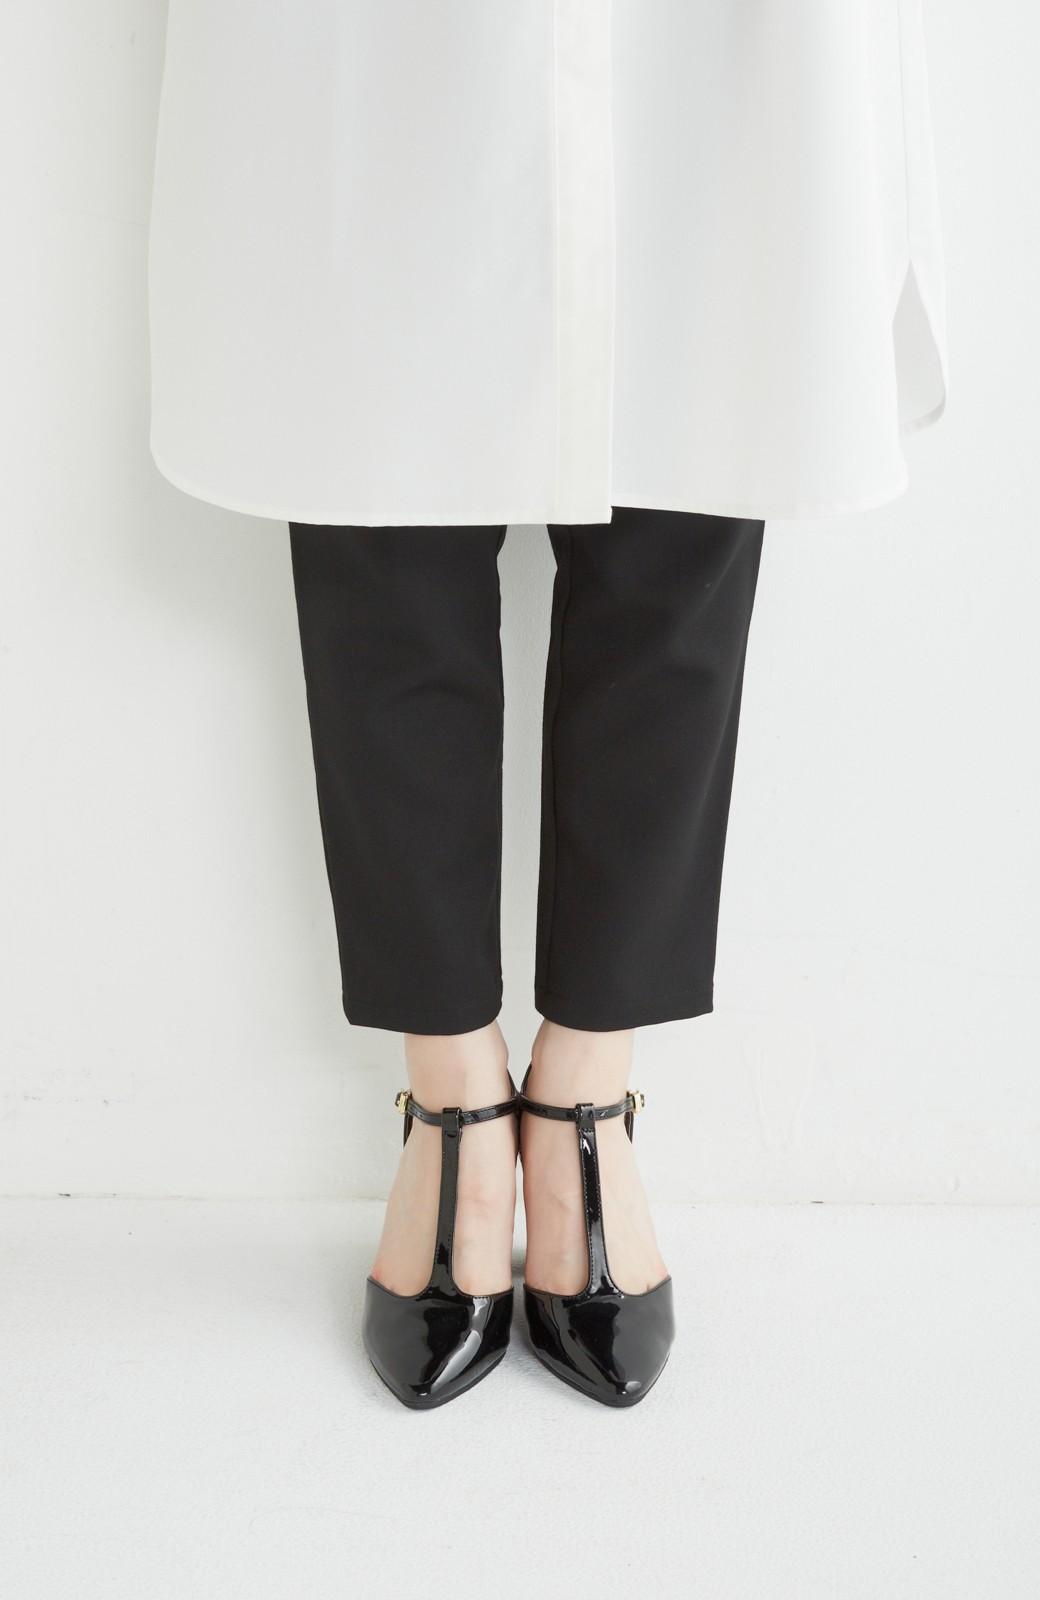 SHE THROUGH SEA おでかけの日に大切に履きたい、Tストラップパンプス <ブラック>の商品写真2